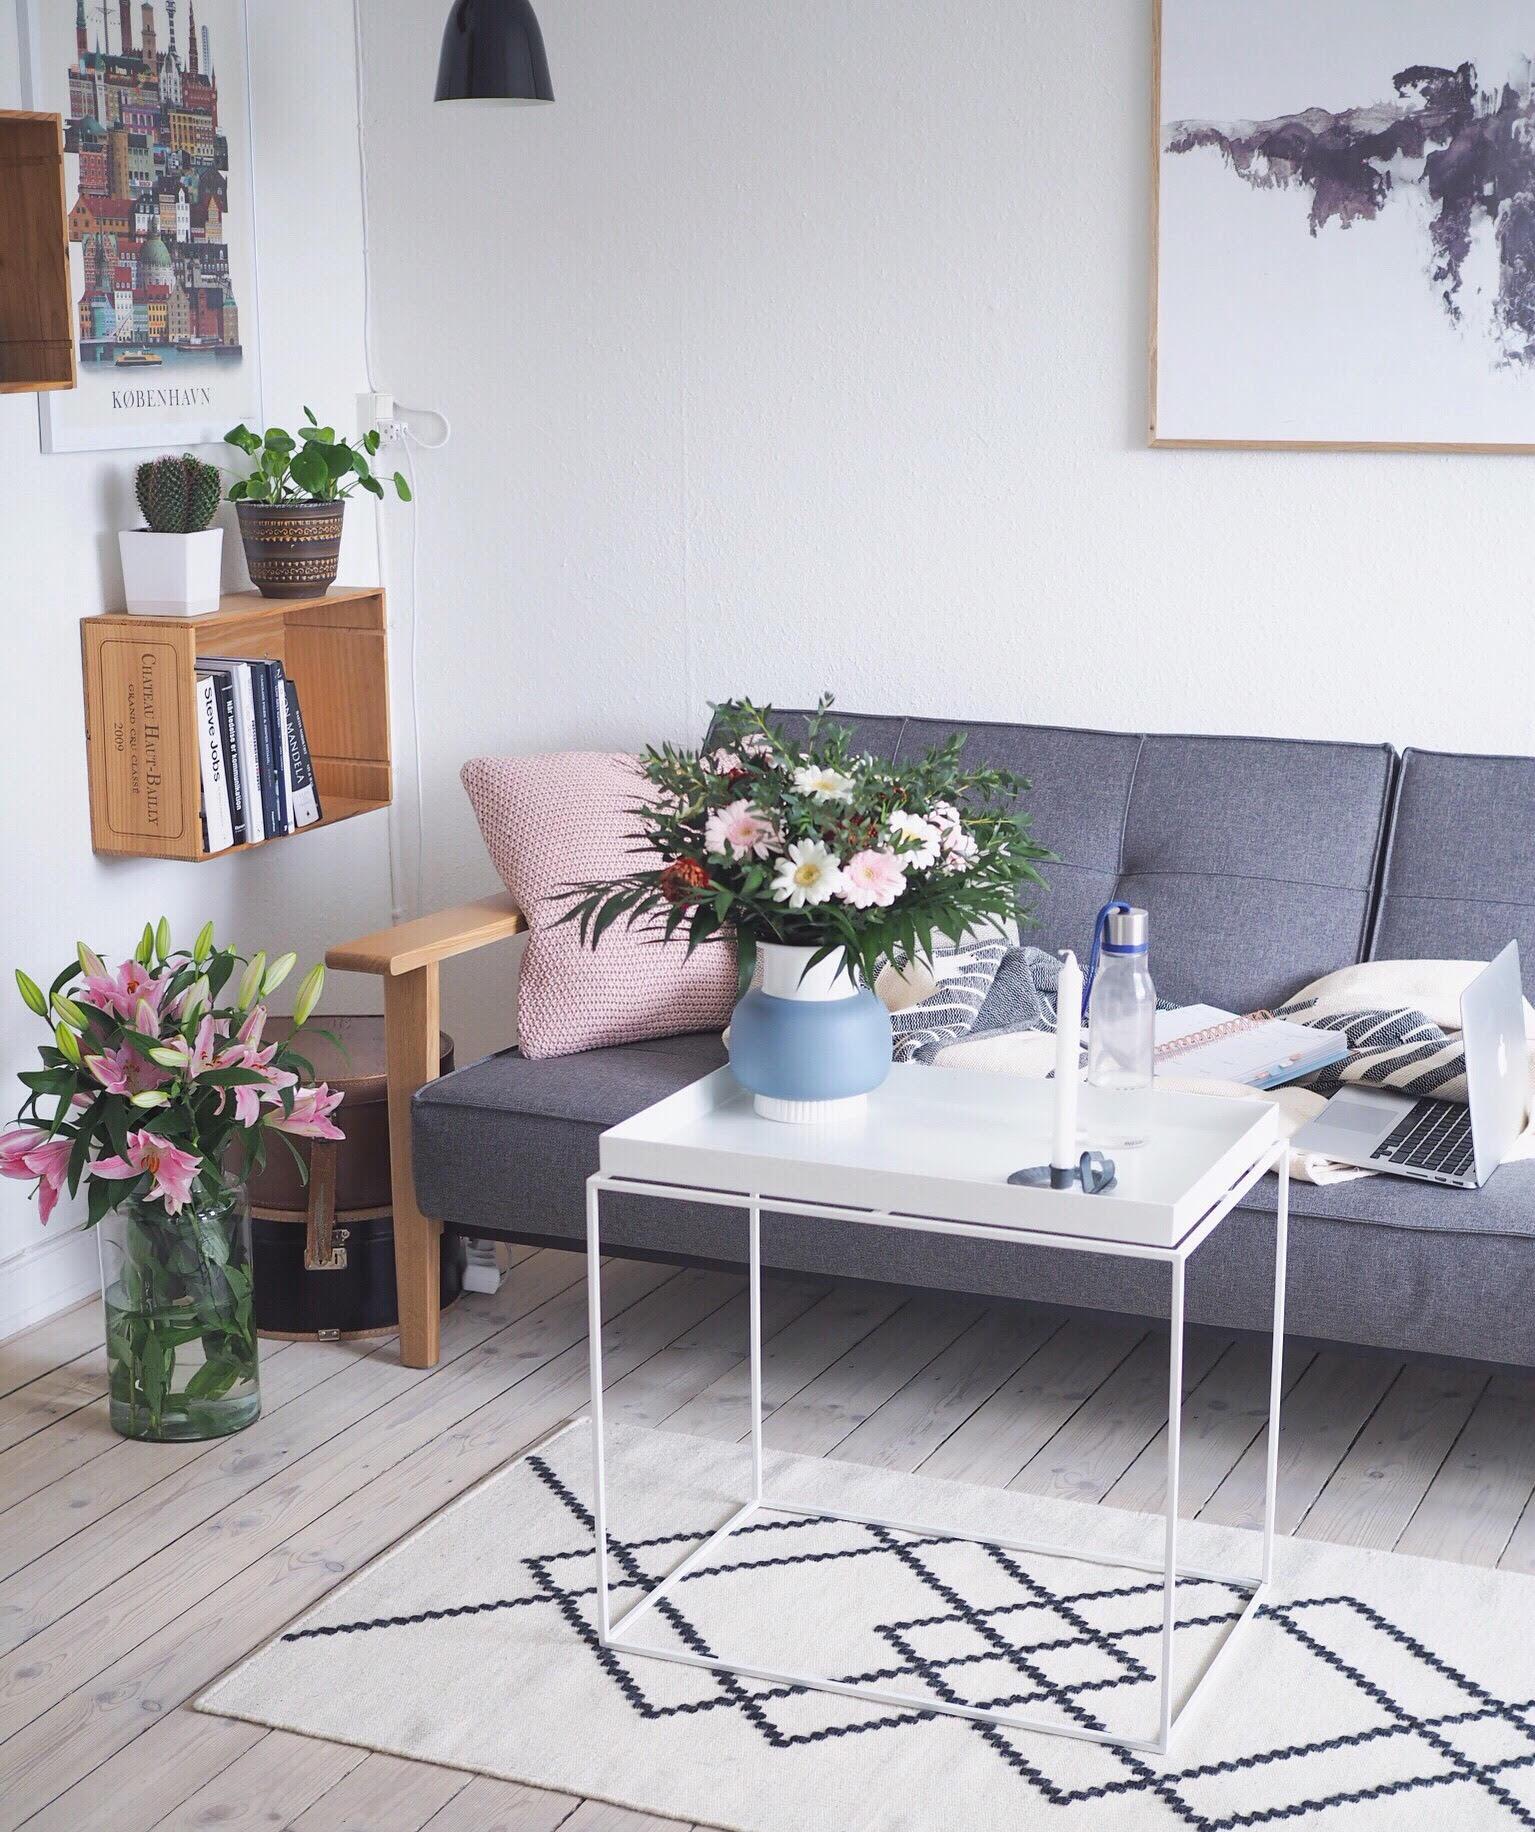 Dansk design og iværksætter. Nordisk stil og indretning med produkter fra Hay, Louise Roe, Moodings.com, Sofa fra Nova Møbler, blomster og planter i indretningen